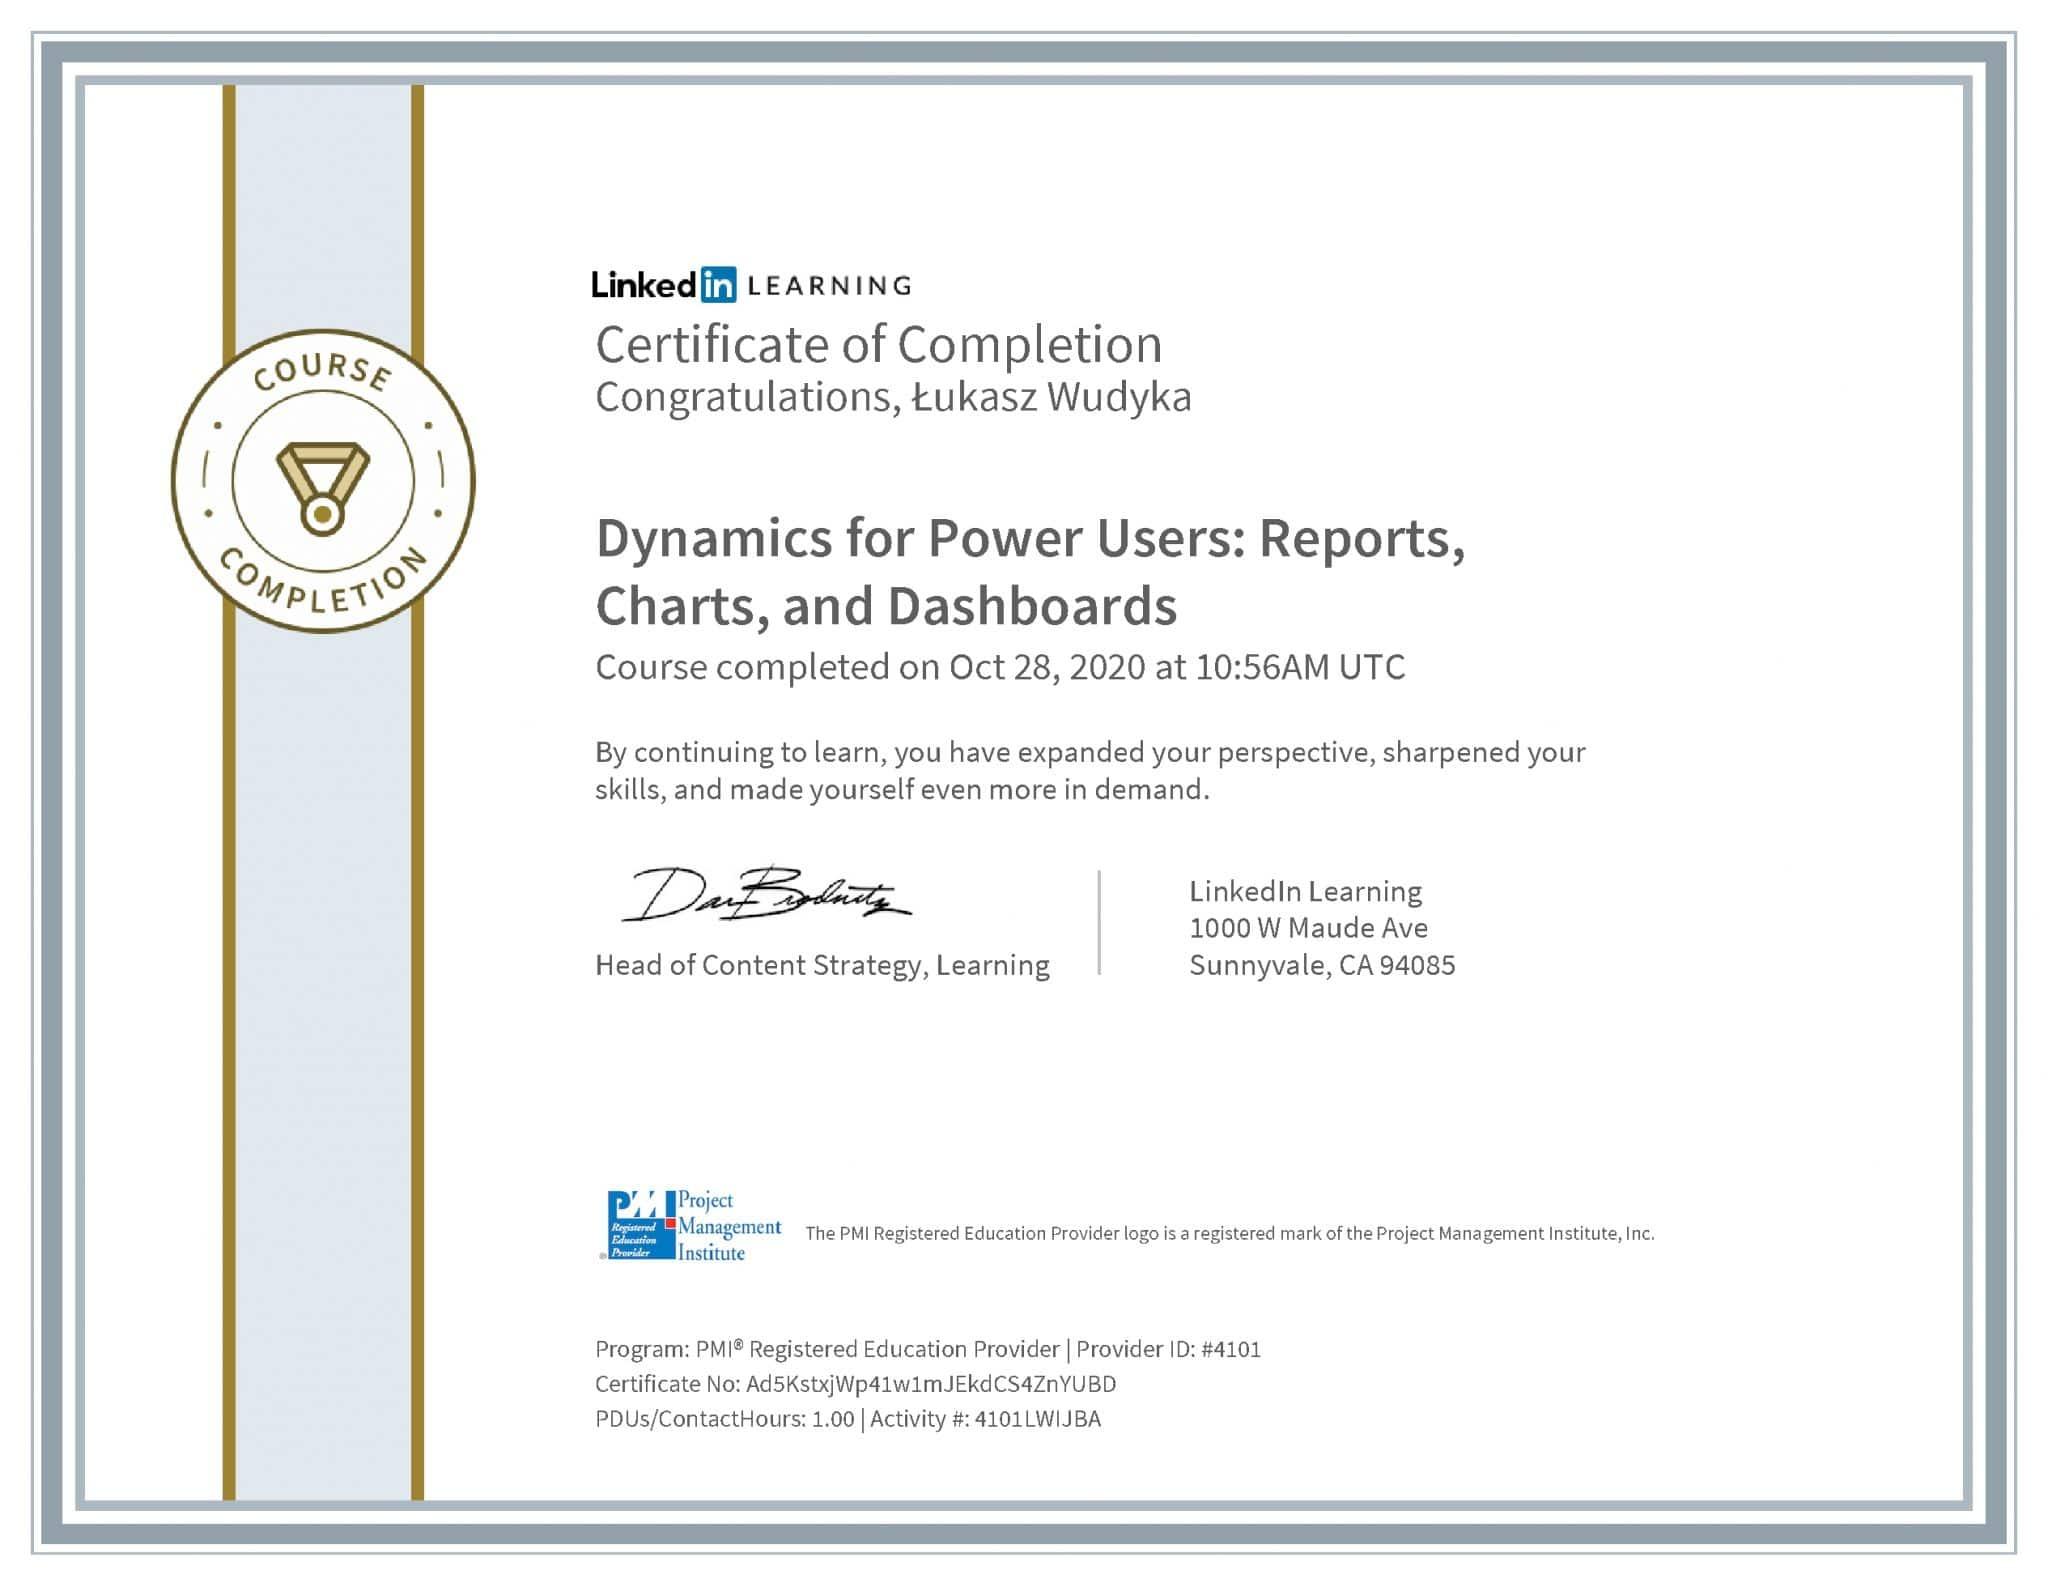 Łukasz Wudyka certyfikat LinkedIn Dynamics for Power Users: Reports, Charts, and Dashboards PMI